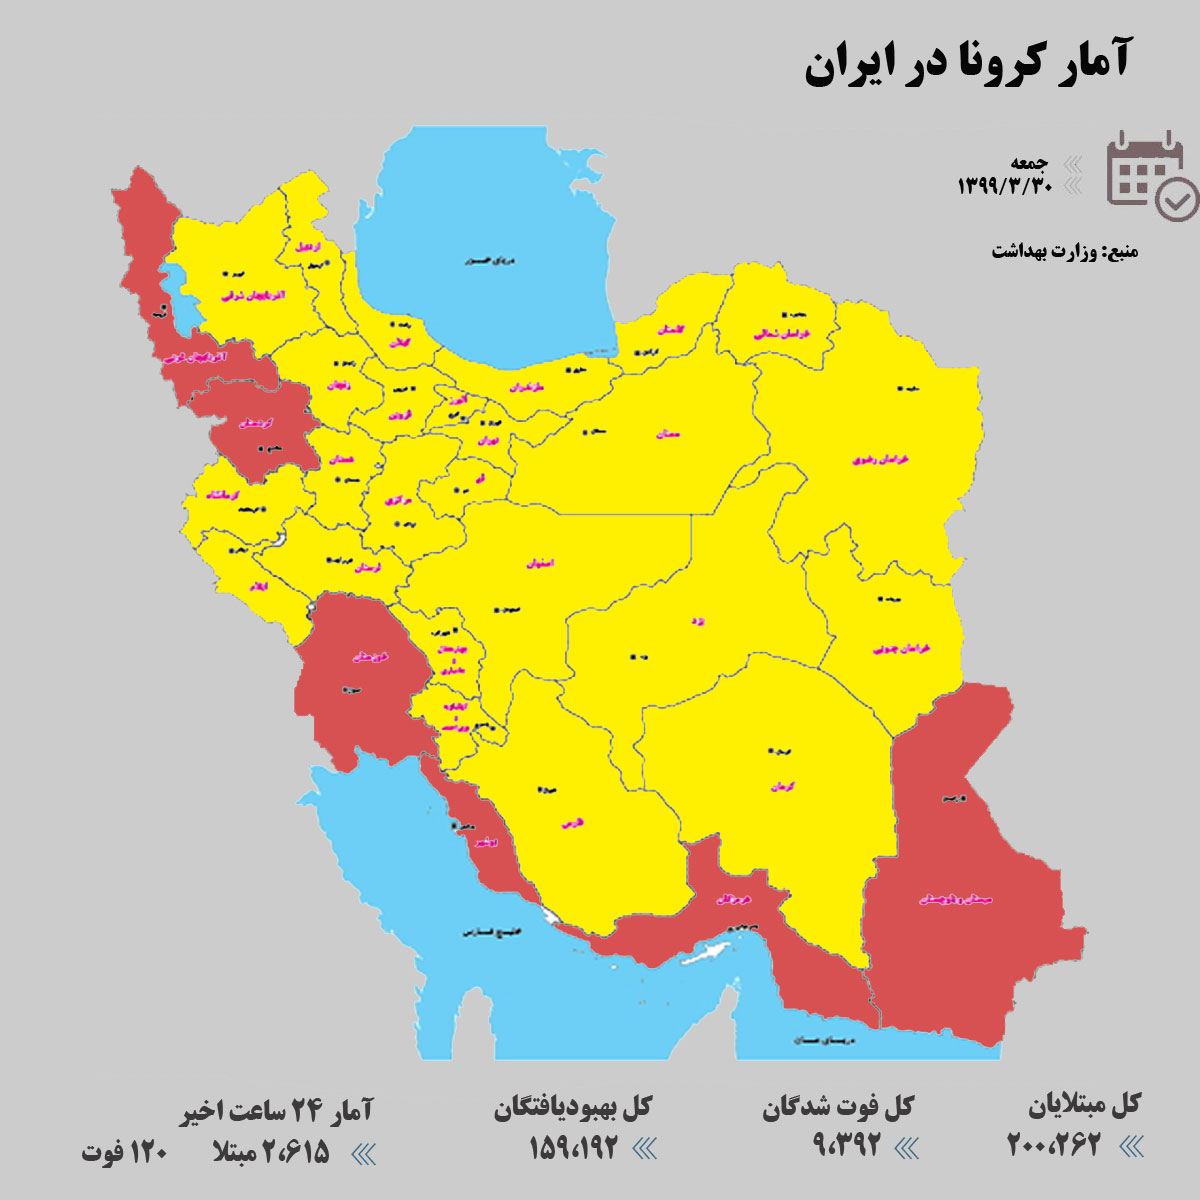 آخرین آمار کرونا در ایران، 30 خرداد 99